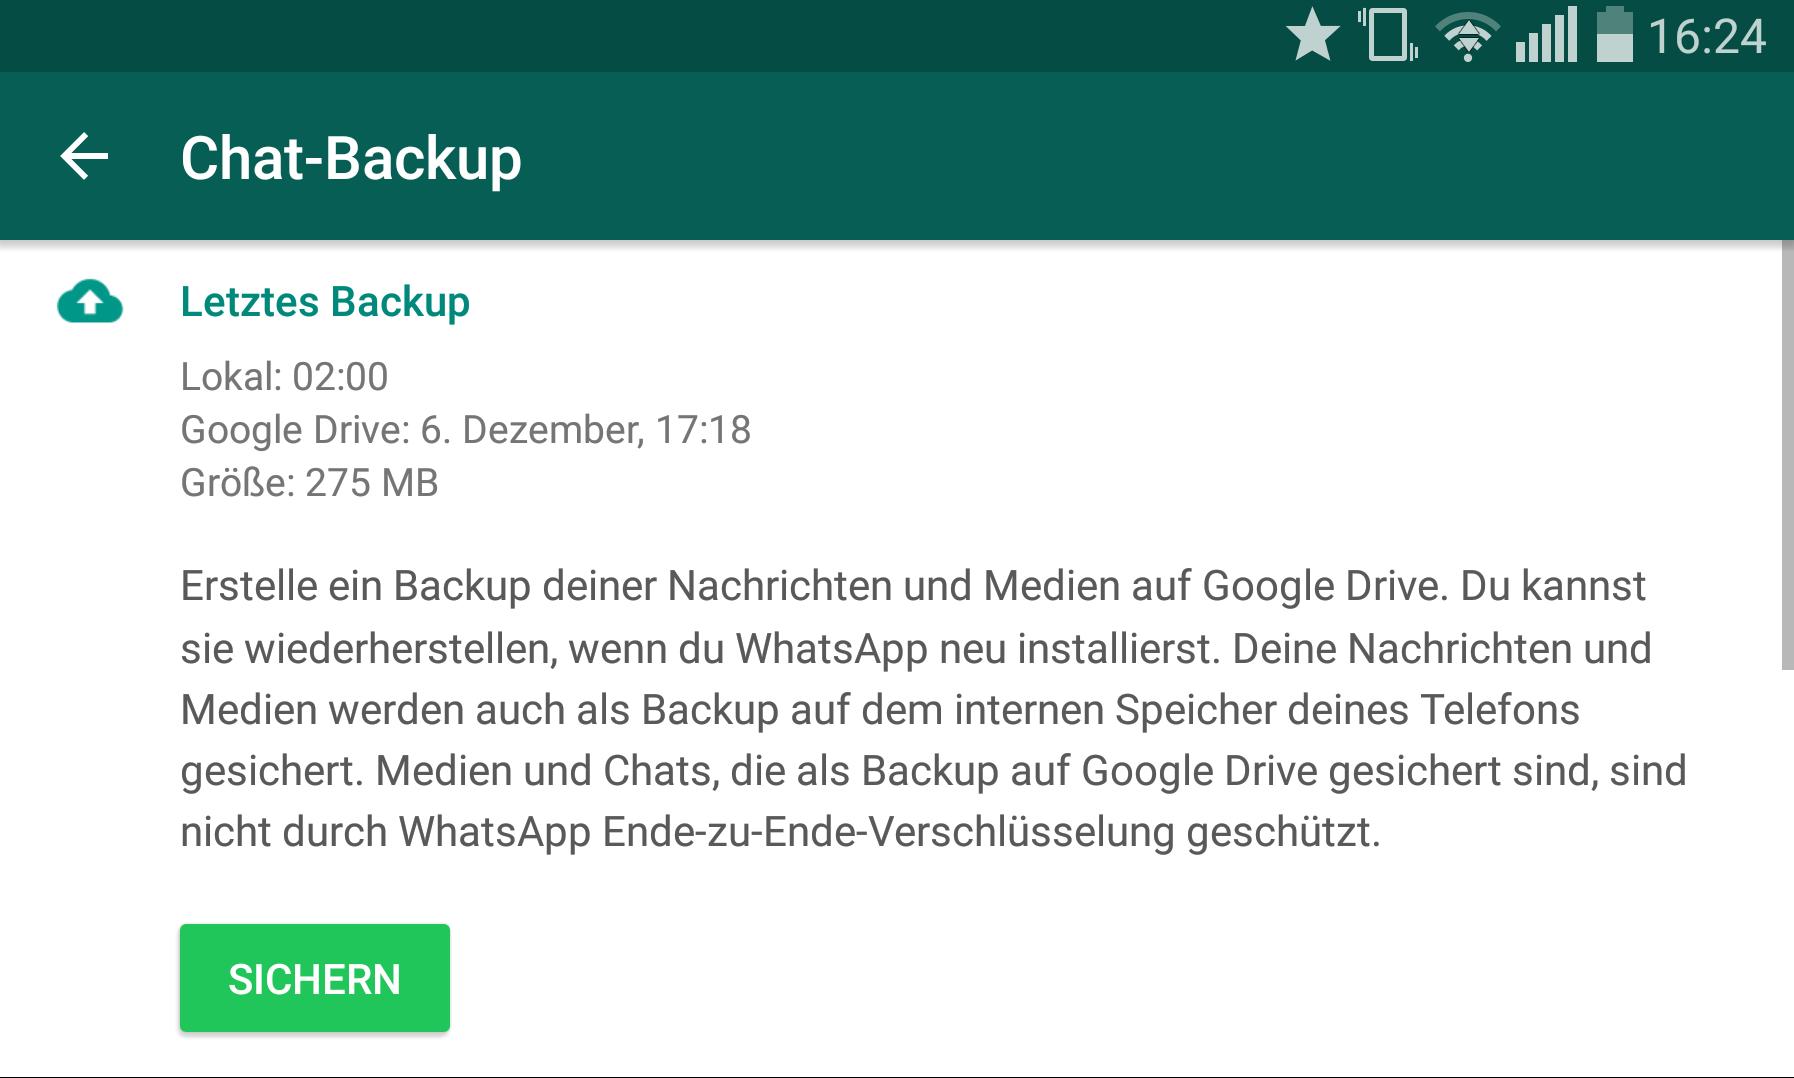 Whatsapp Dateien Auf Sd Karte.Whatsapp Chats Wiederherstellen So Funktioniert S Expertiger